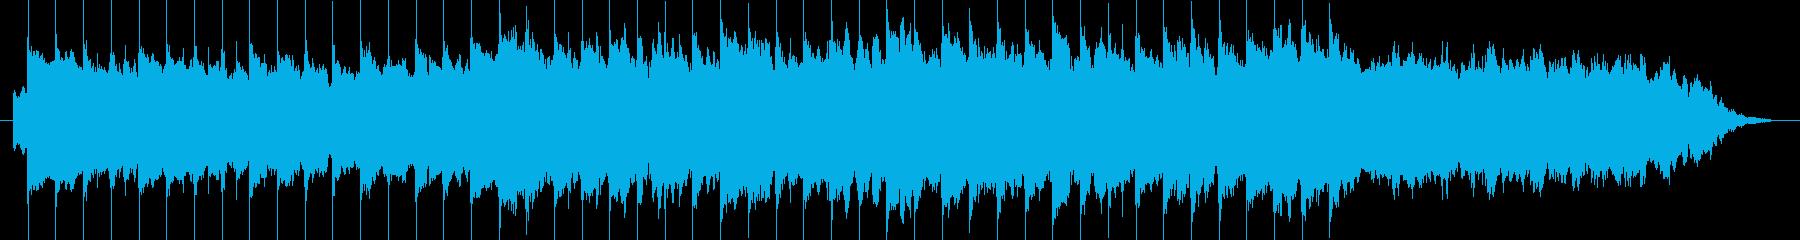 30秒 / 期待度いっぱいの明るい曲 の再生済みの波形